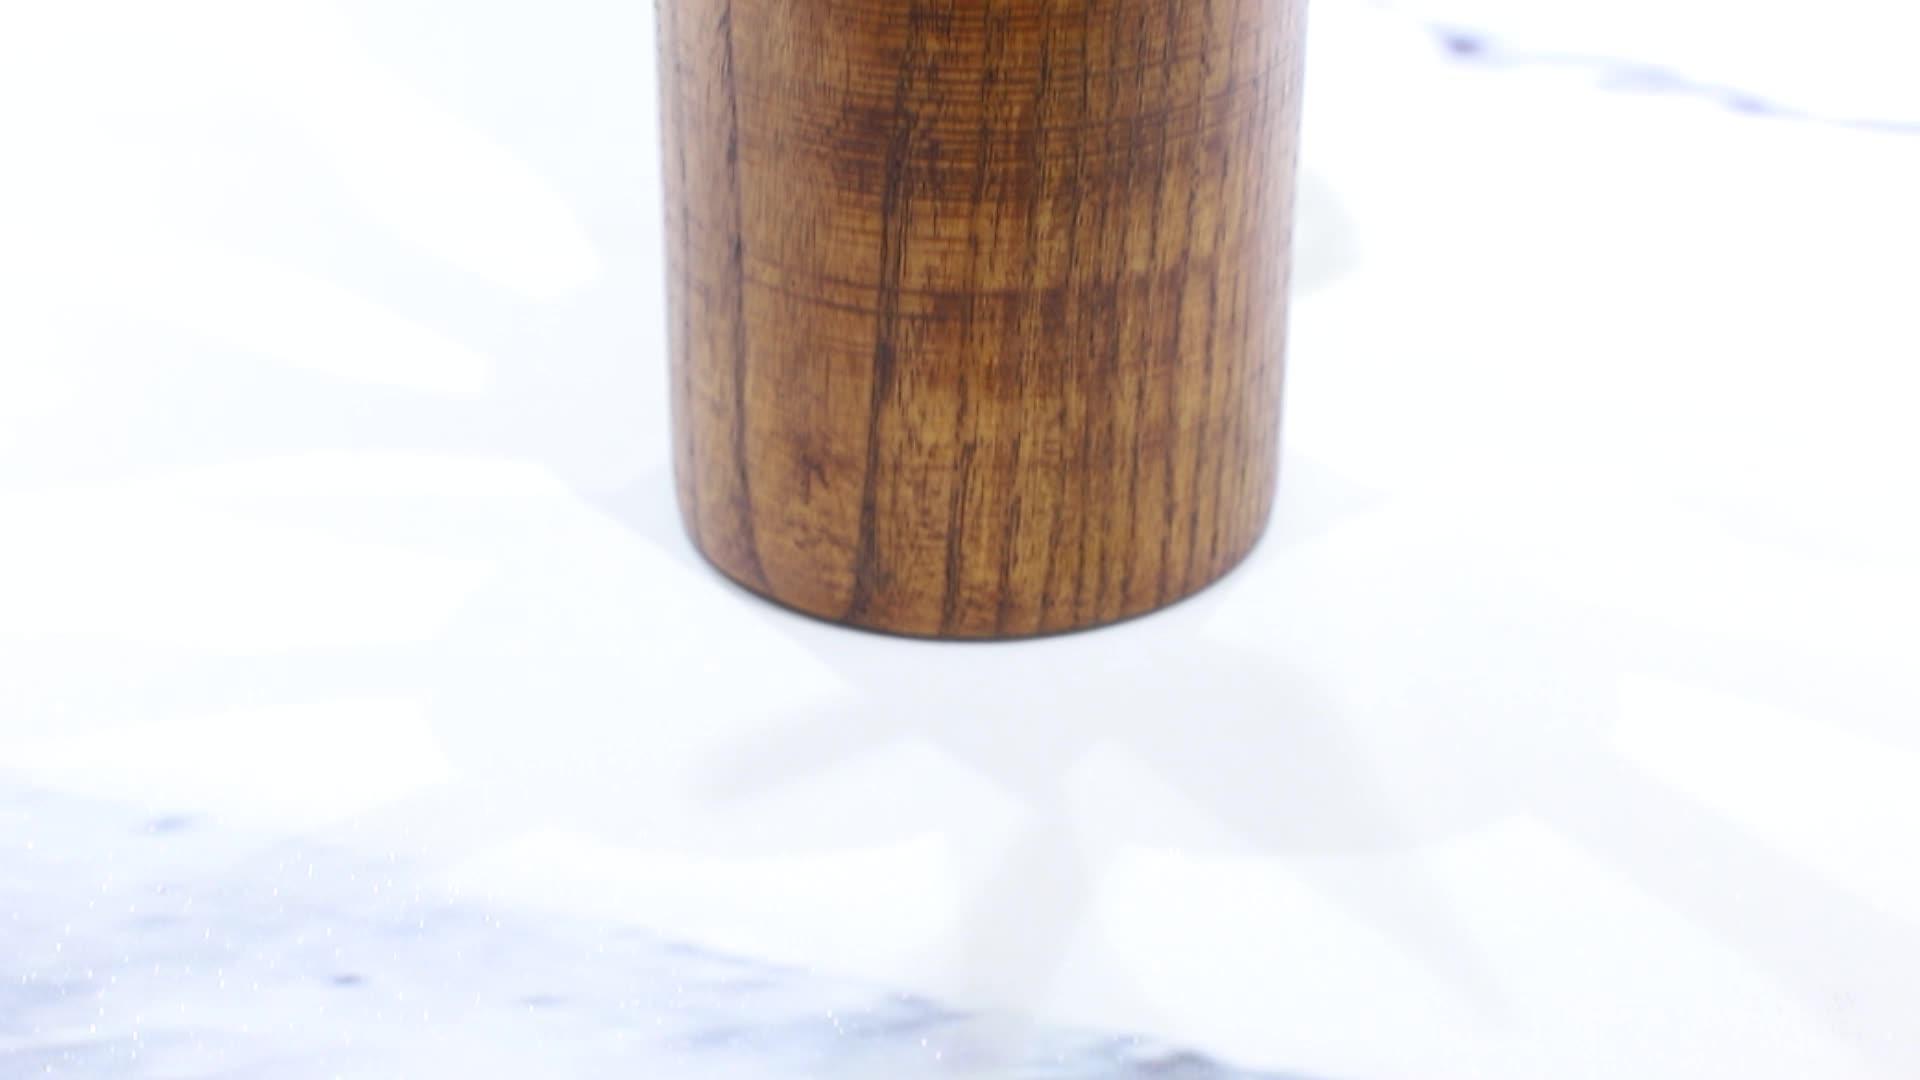 100% Handgemaakte Door Natuurlijke Teak Houten Keuken Gebruiksvoorwerp Set Duurzaam Solid Smooth Hout Keuken Gebruiksvoorwerp